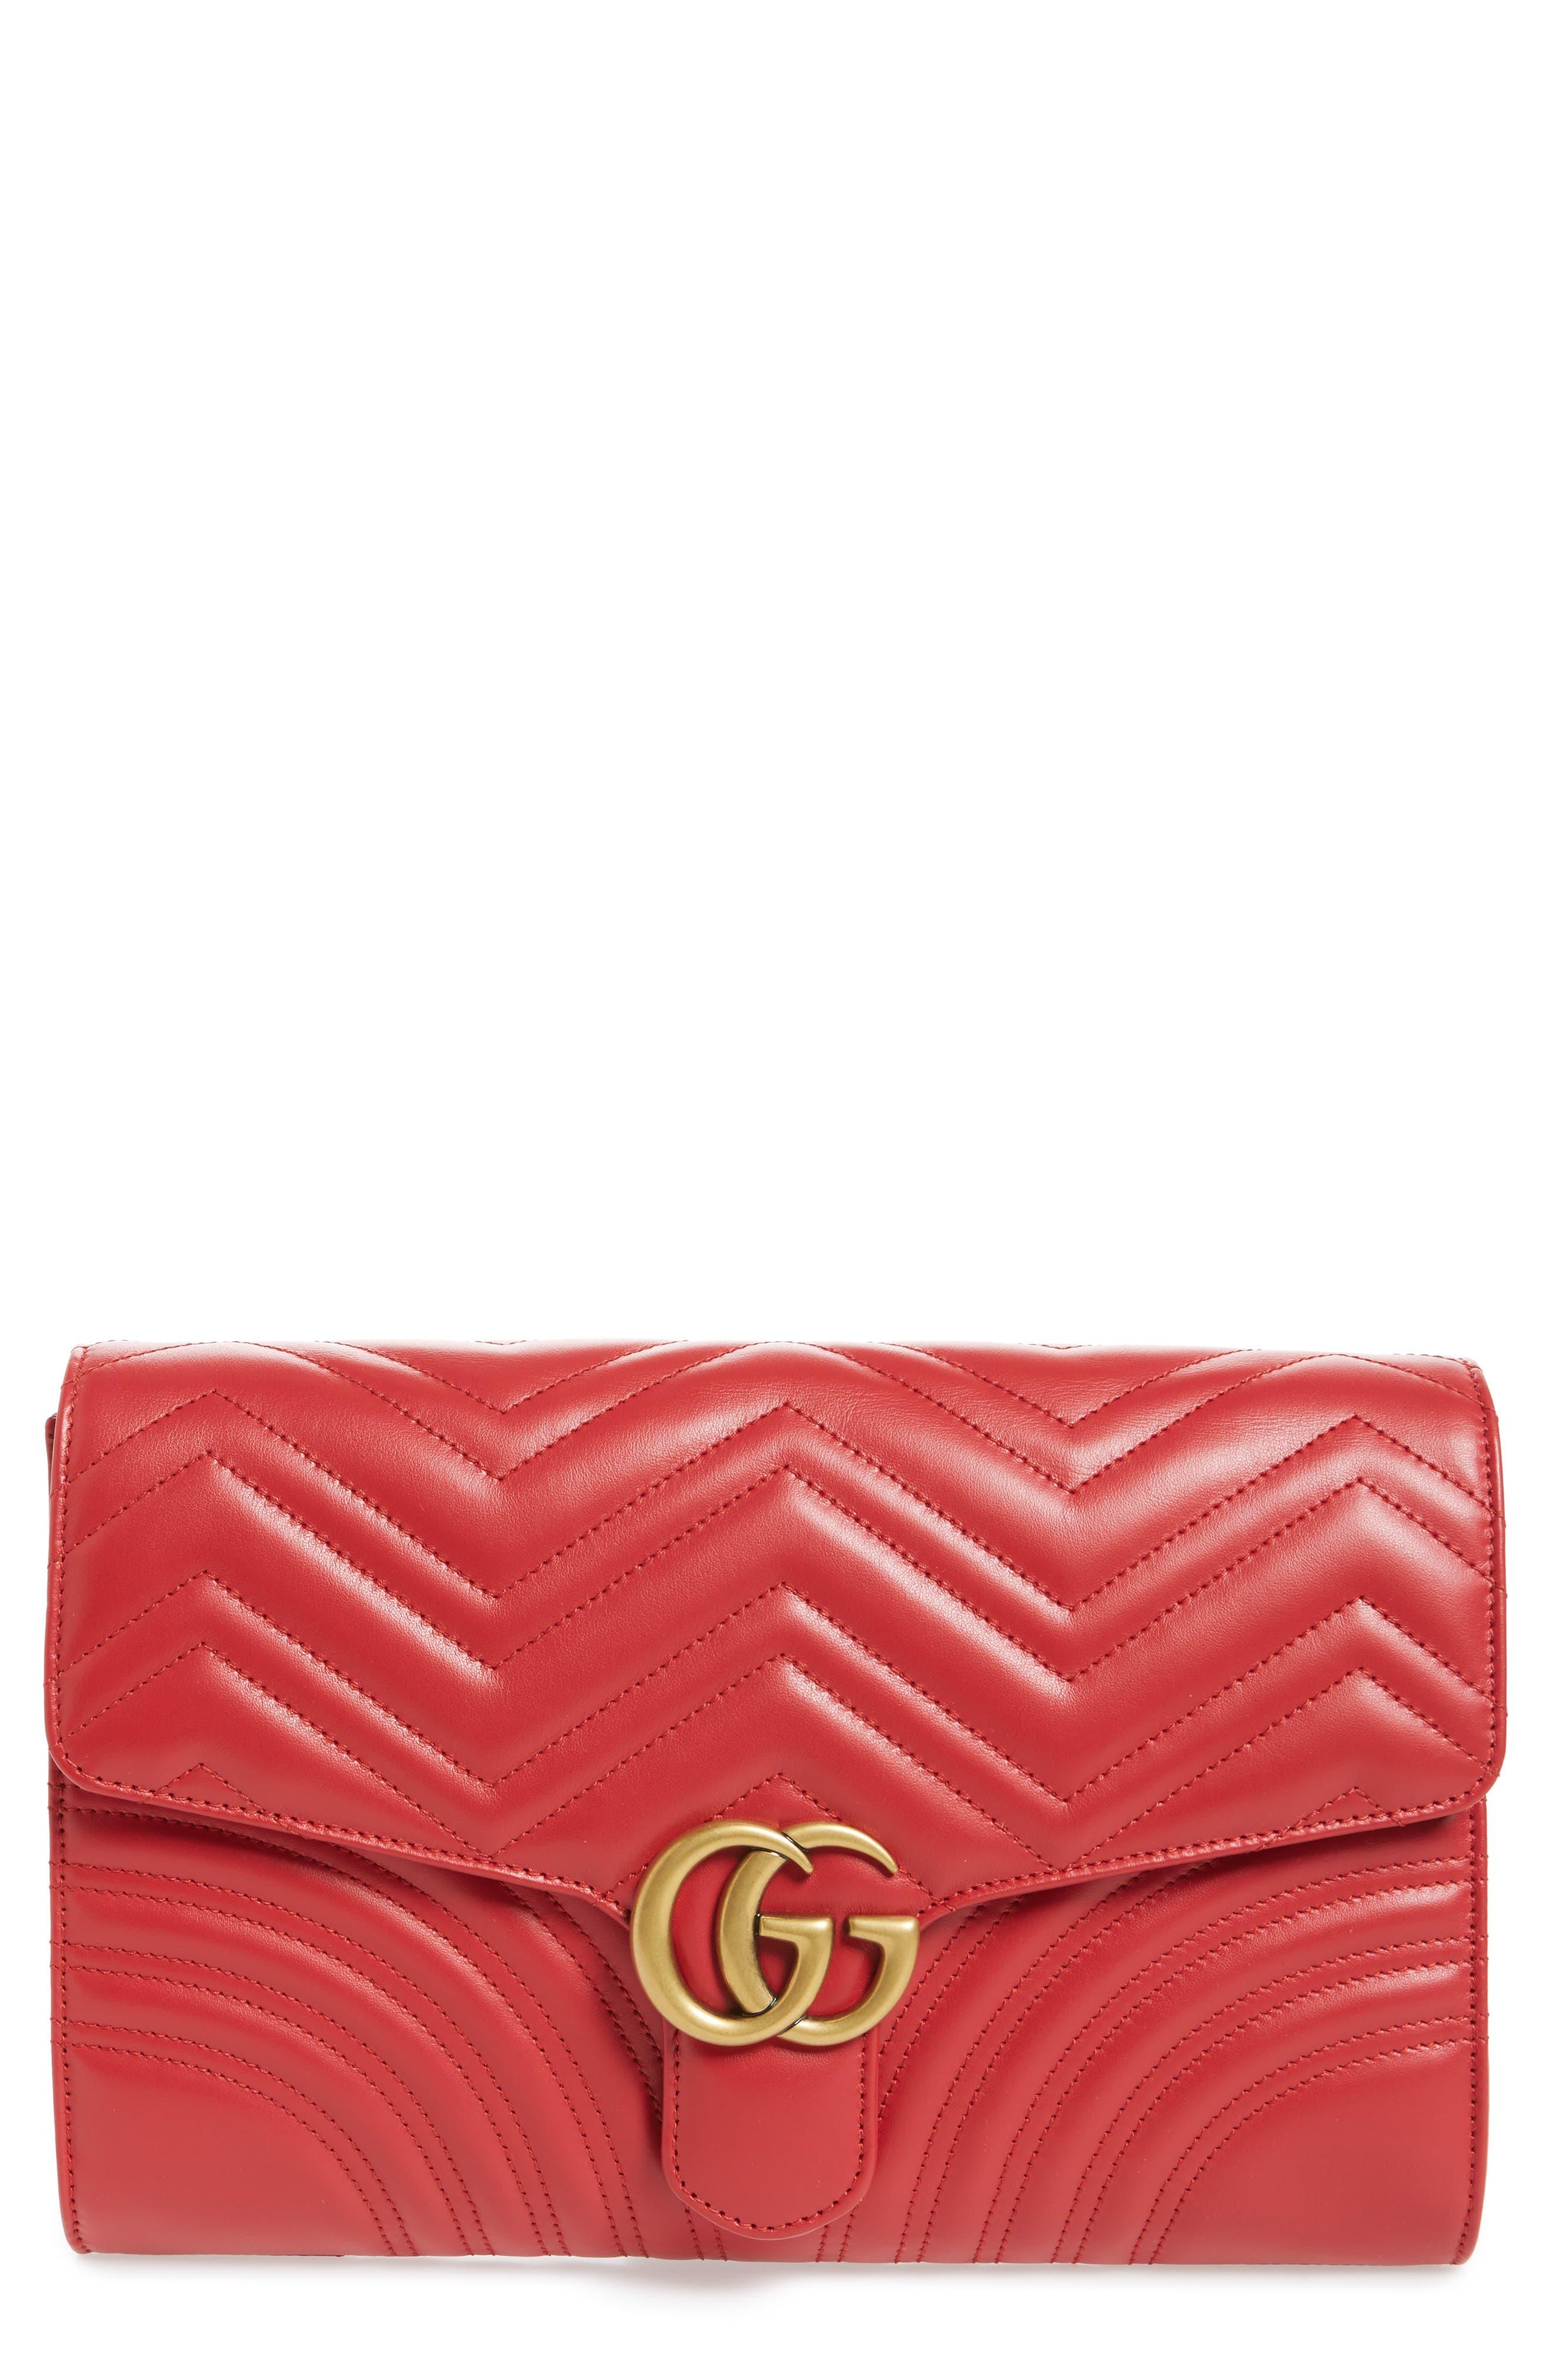 GG Marmont 2.0 Matelassé Leather Clutch,                             Main thumbnail 4, color,